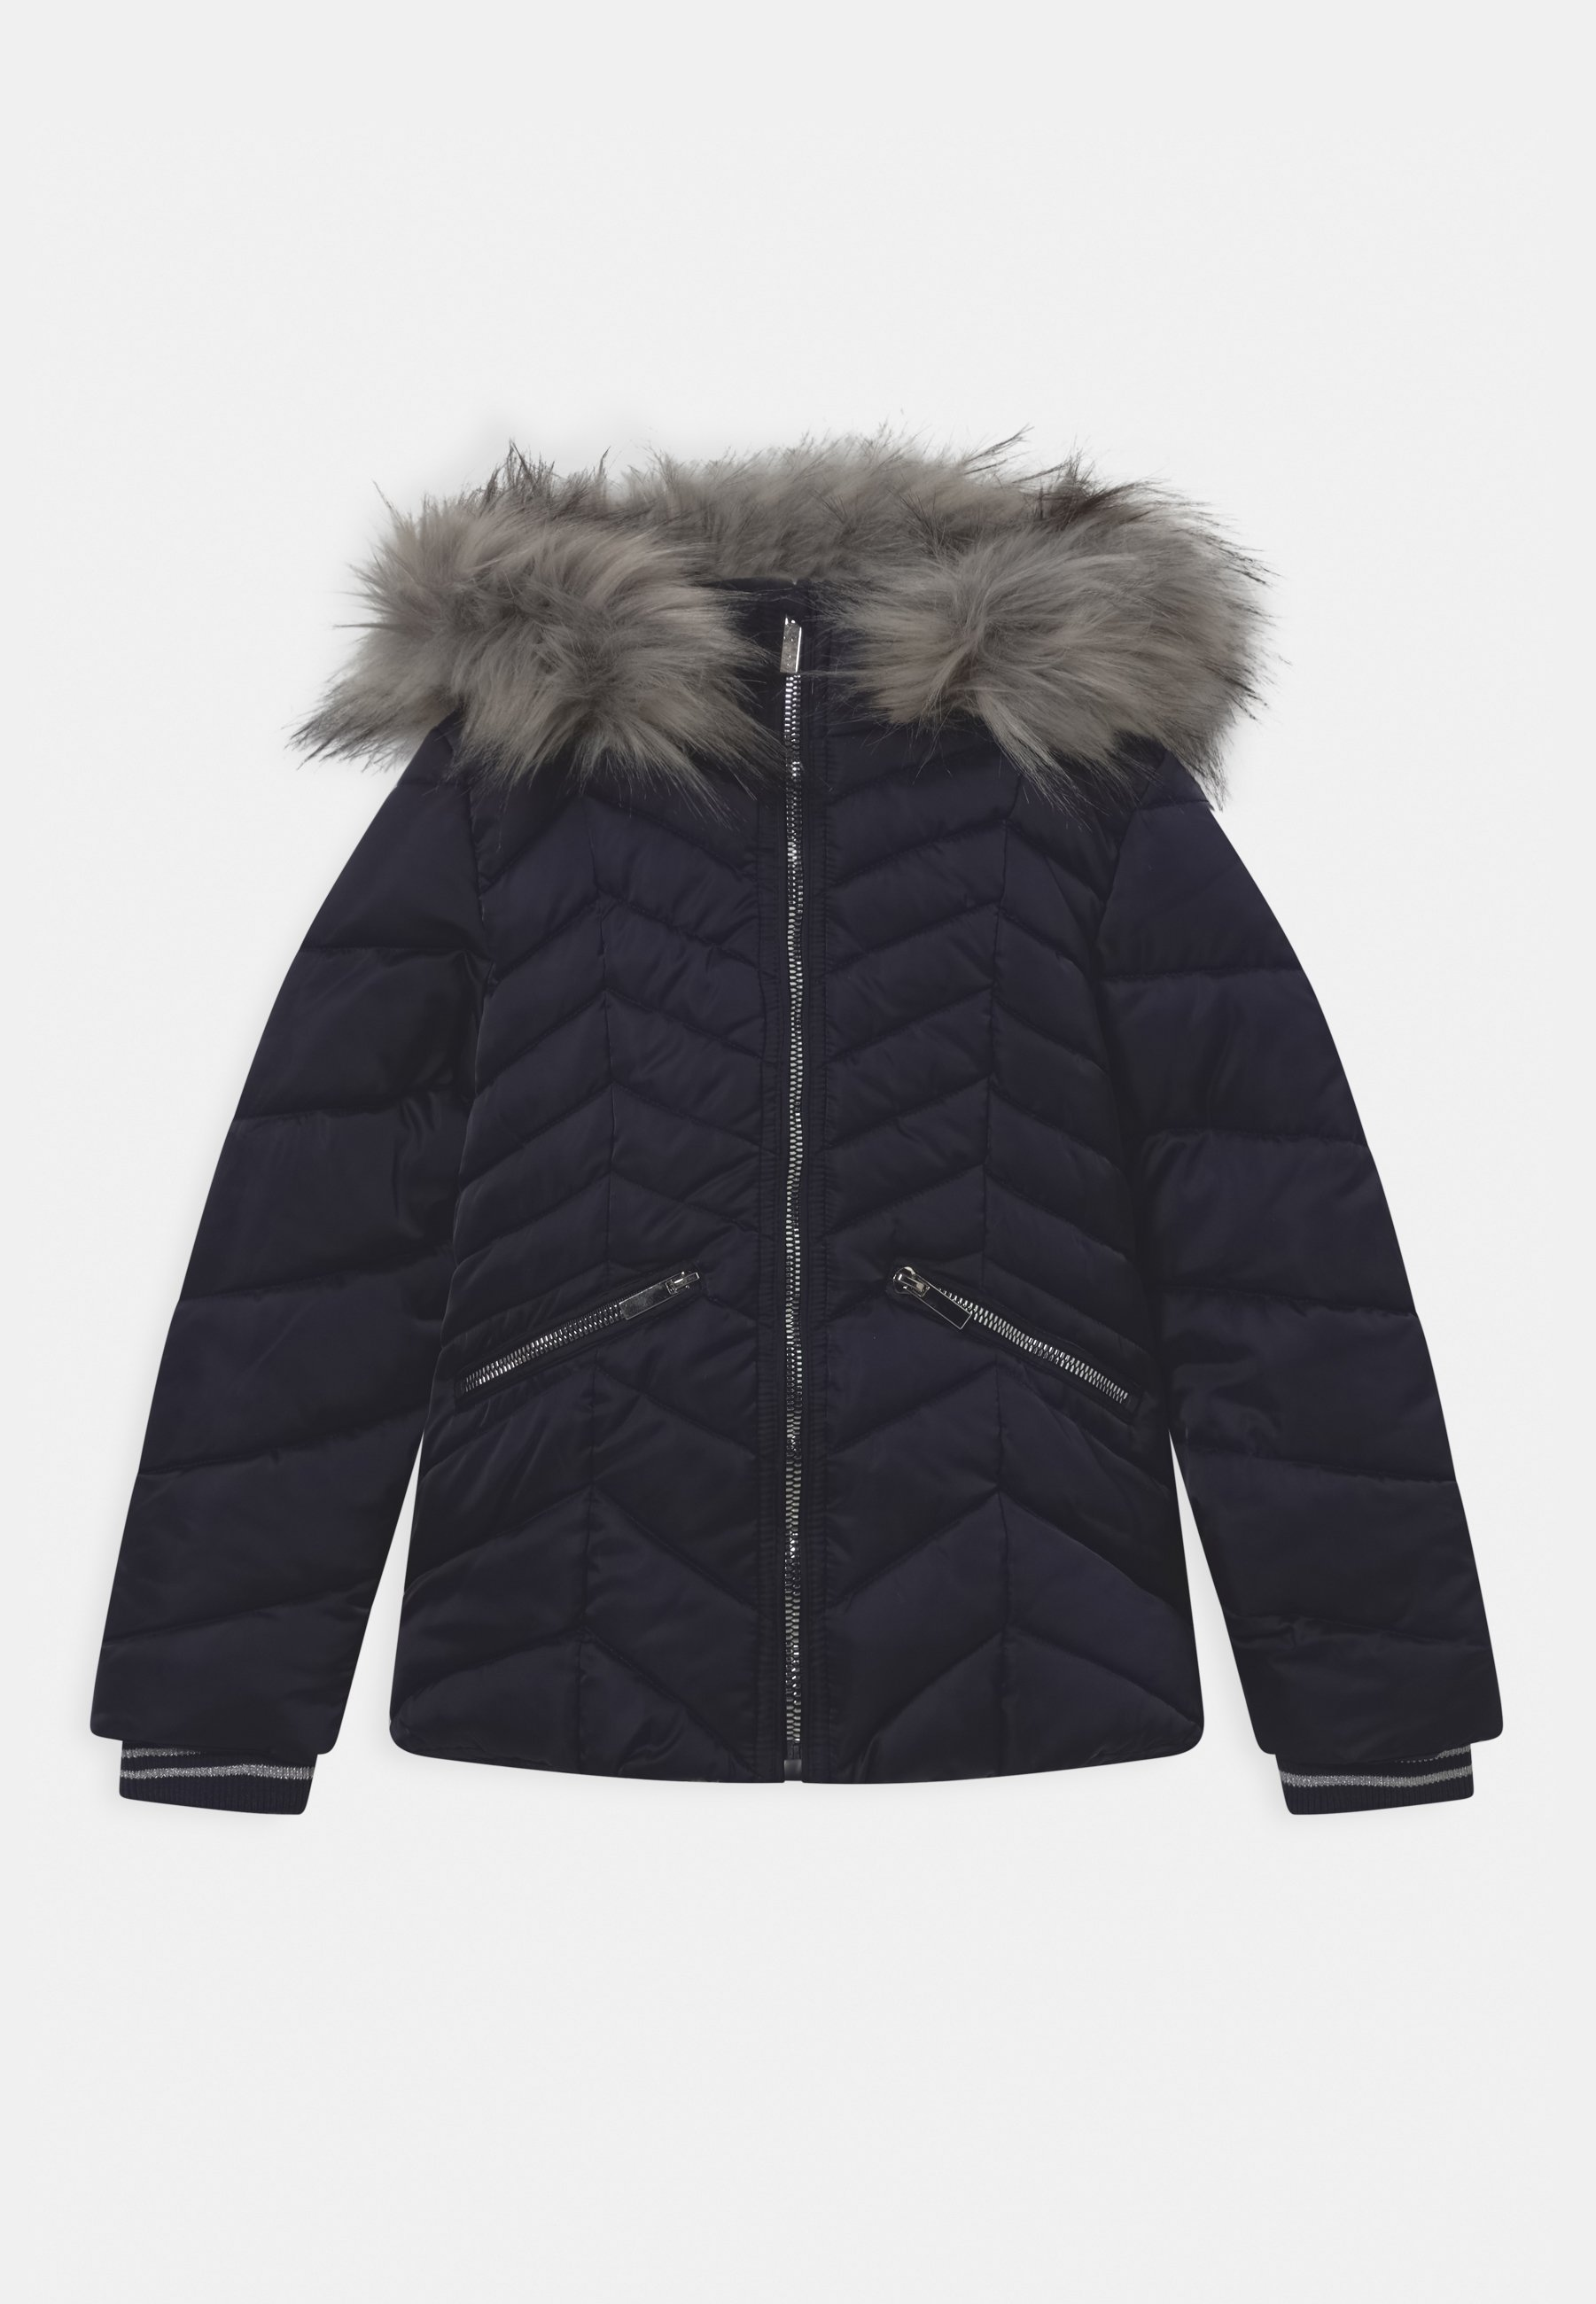 Kids Winter jacket